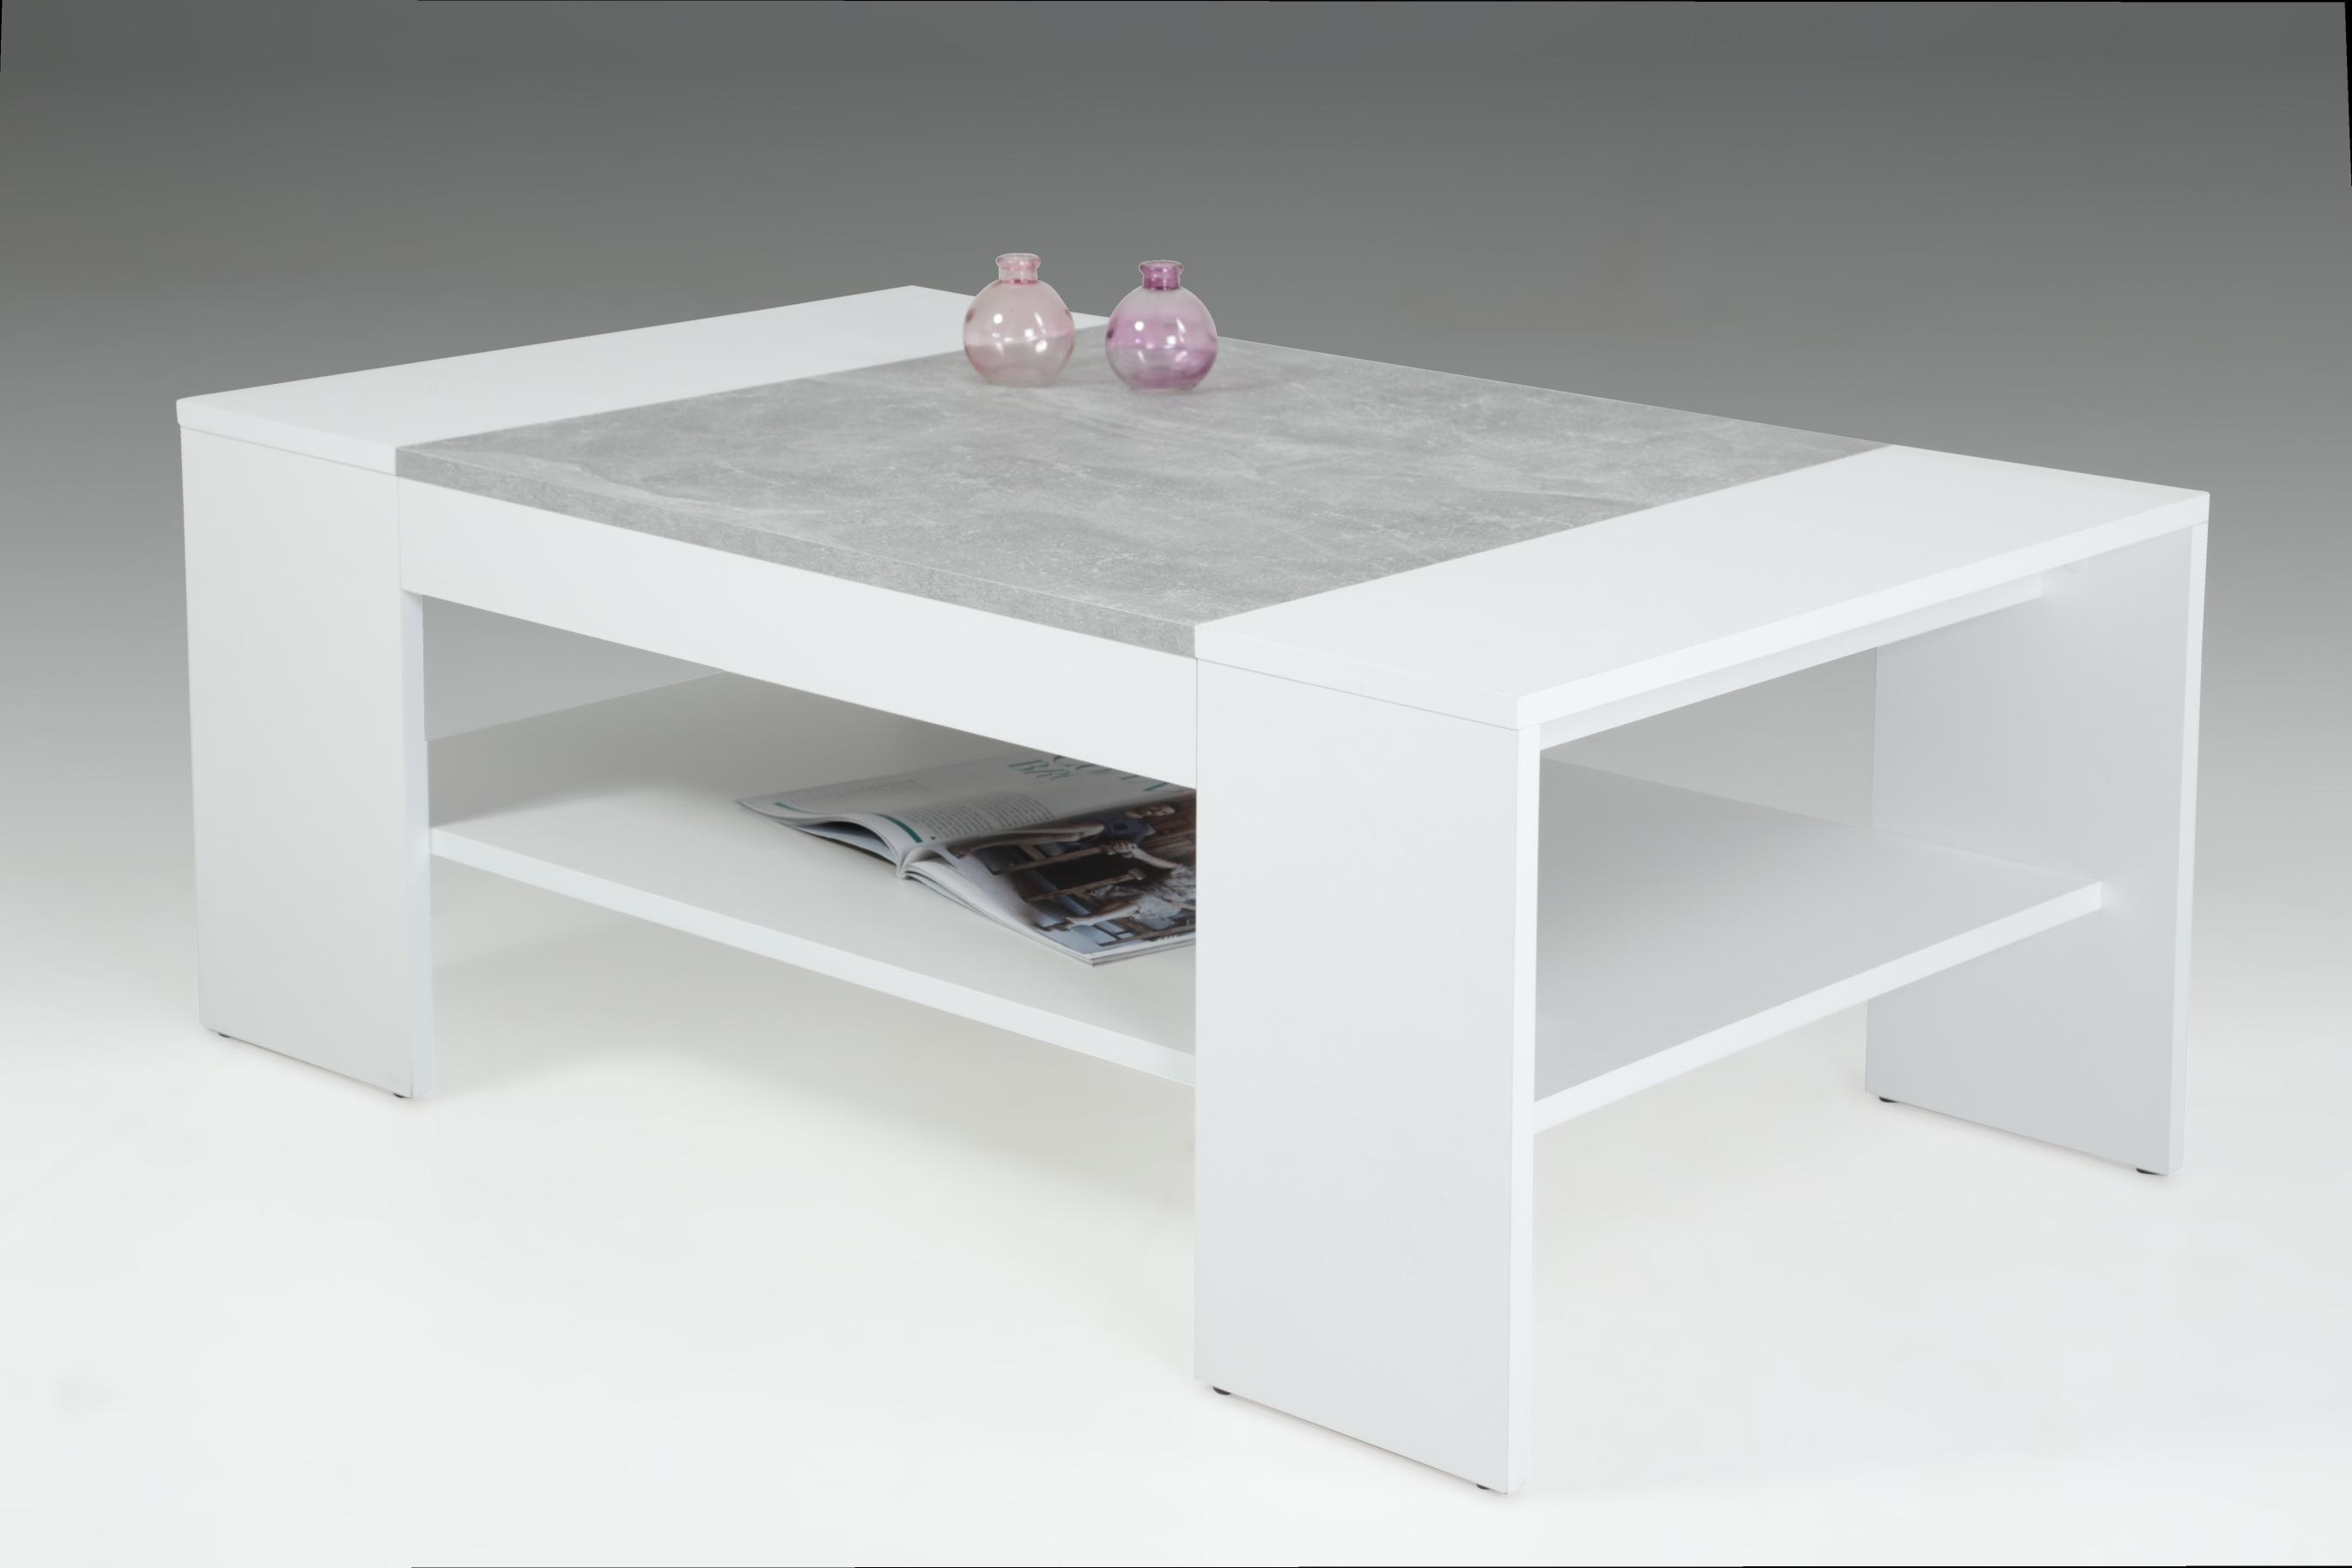 Couchtisch OLIVER von Hela Weiss / Beton